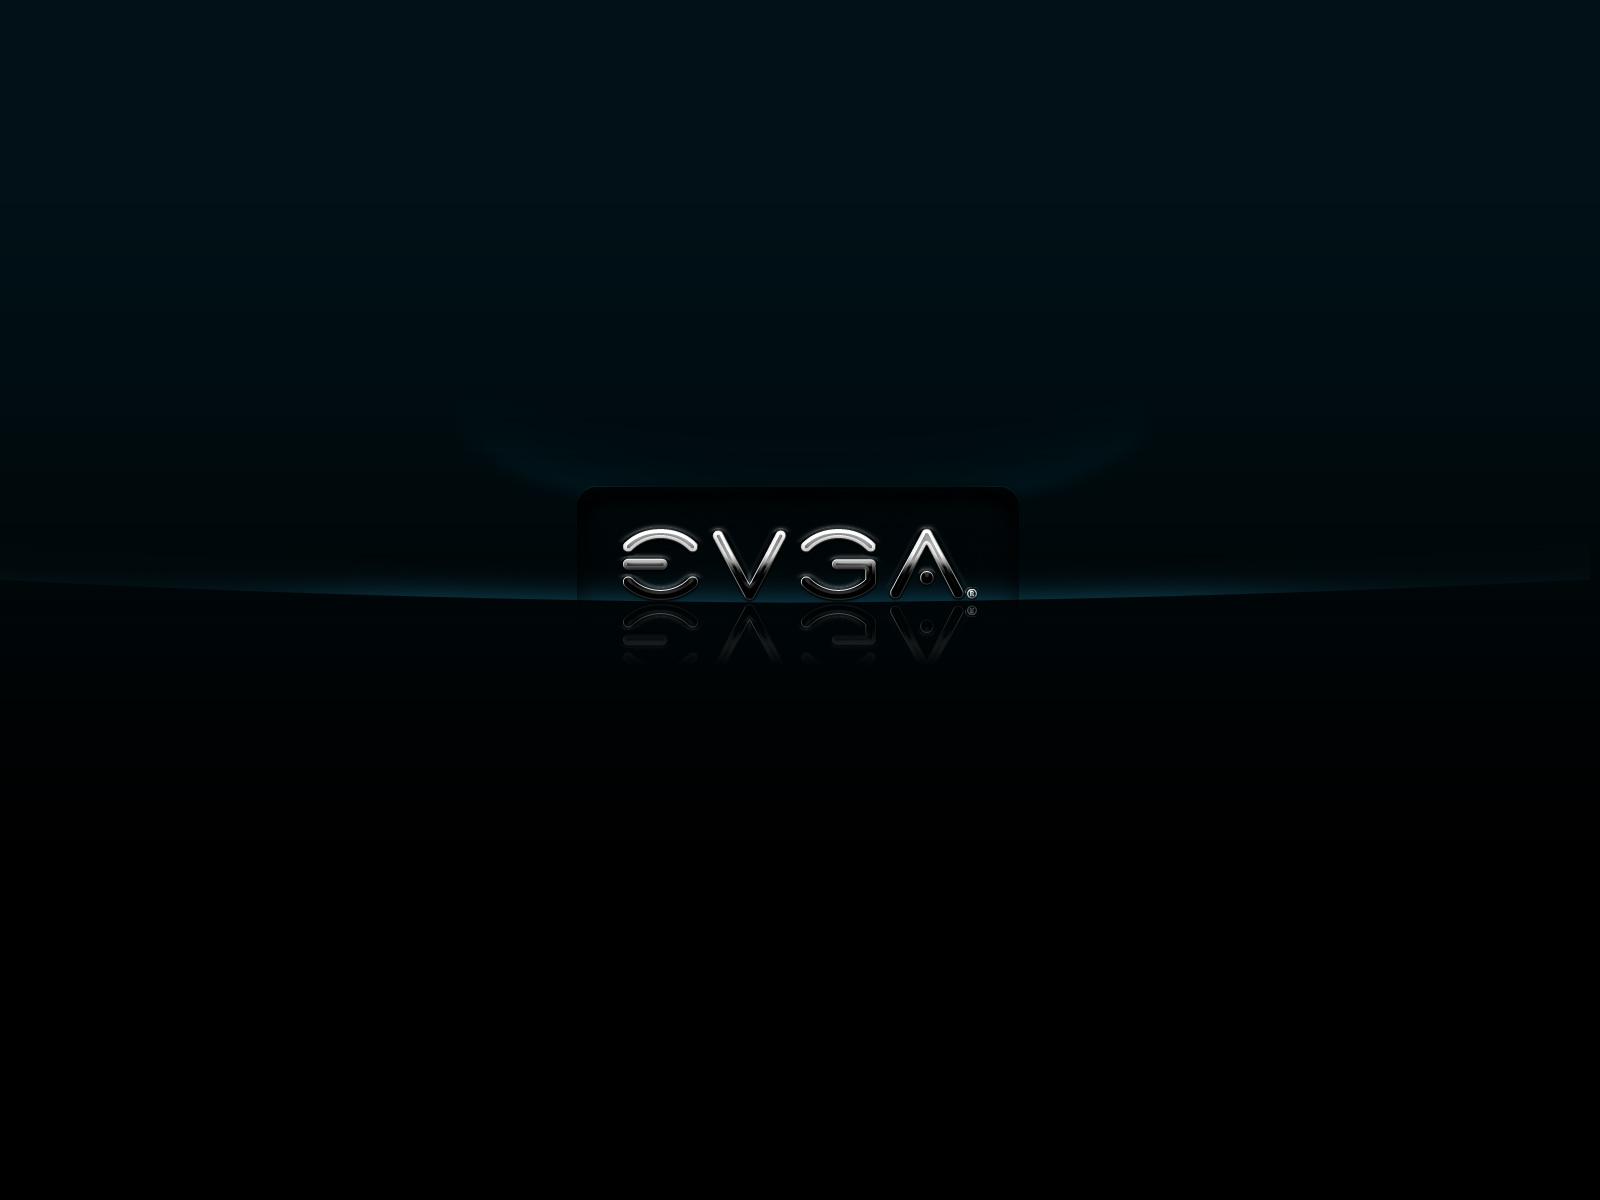 Evga Wallpapers Android - Wickedsa com